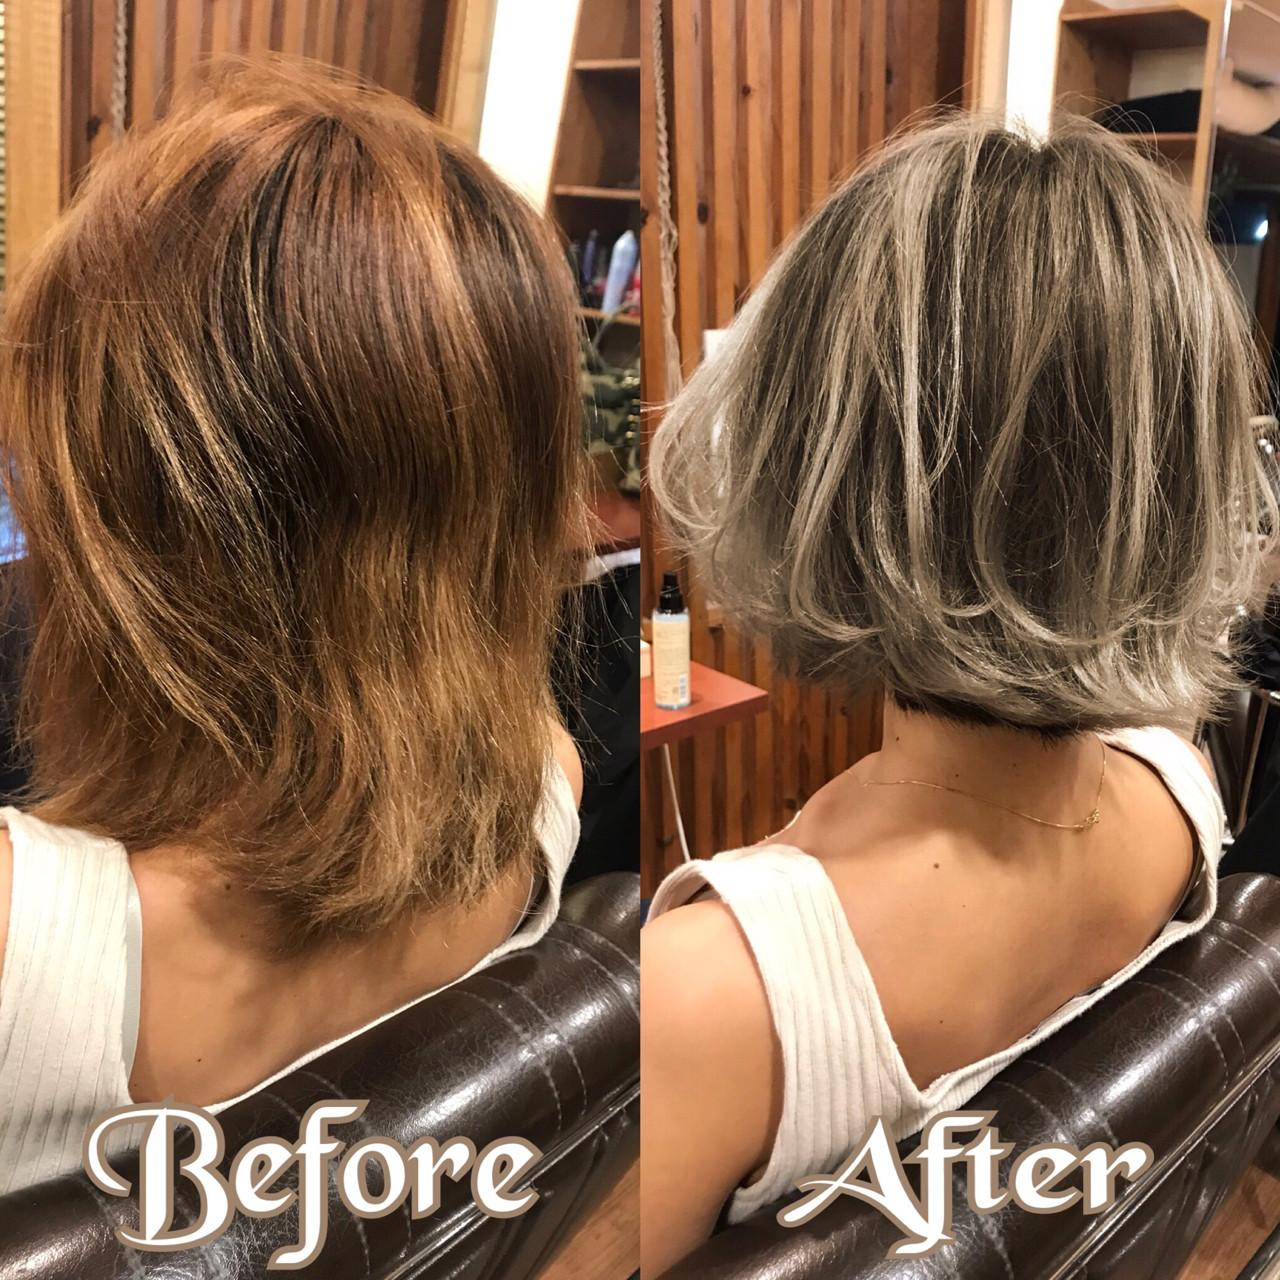 外国人風 グレージュ ハイライト ホワイト ヘアスタイルや髪型の写真・画像 | デザインカラー講師 REOMA / BLITZ R-EVOLUT